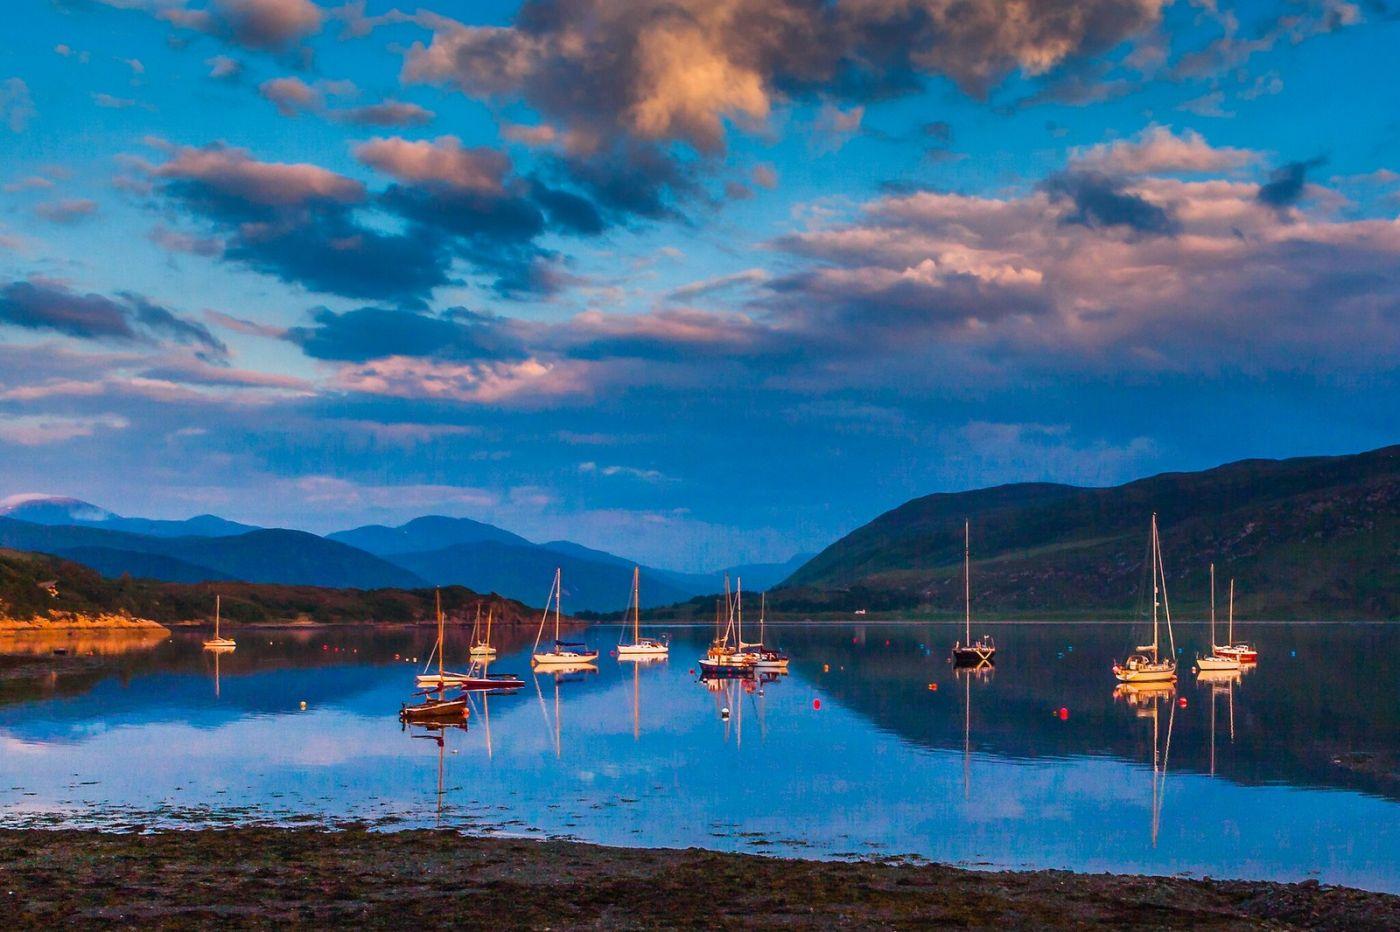 苏格兰阿勒浦(Ullapool),如镜的湖面_图1-7